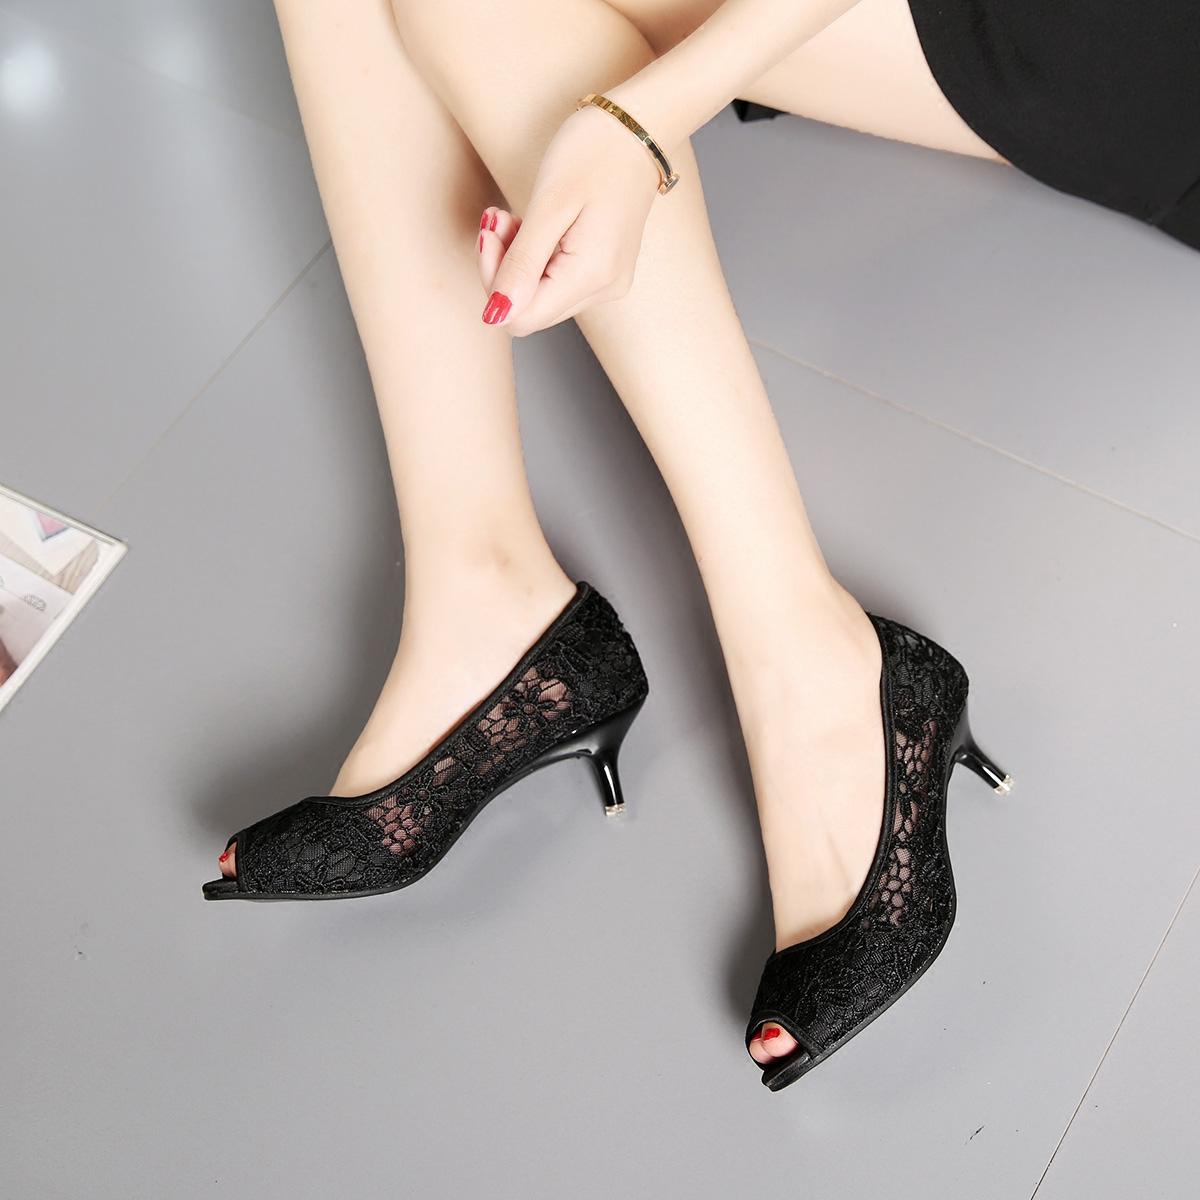 夏季高跟鞋 春夏季新款镂空网纱凉鞋蕾丝鱼嘴高跟鞋性感细跟圆头气质女鞋黑色_推荐淘宝好看的女夏季高跟鞋